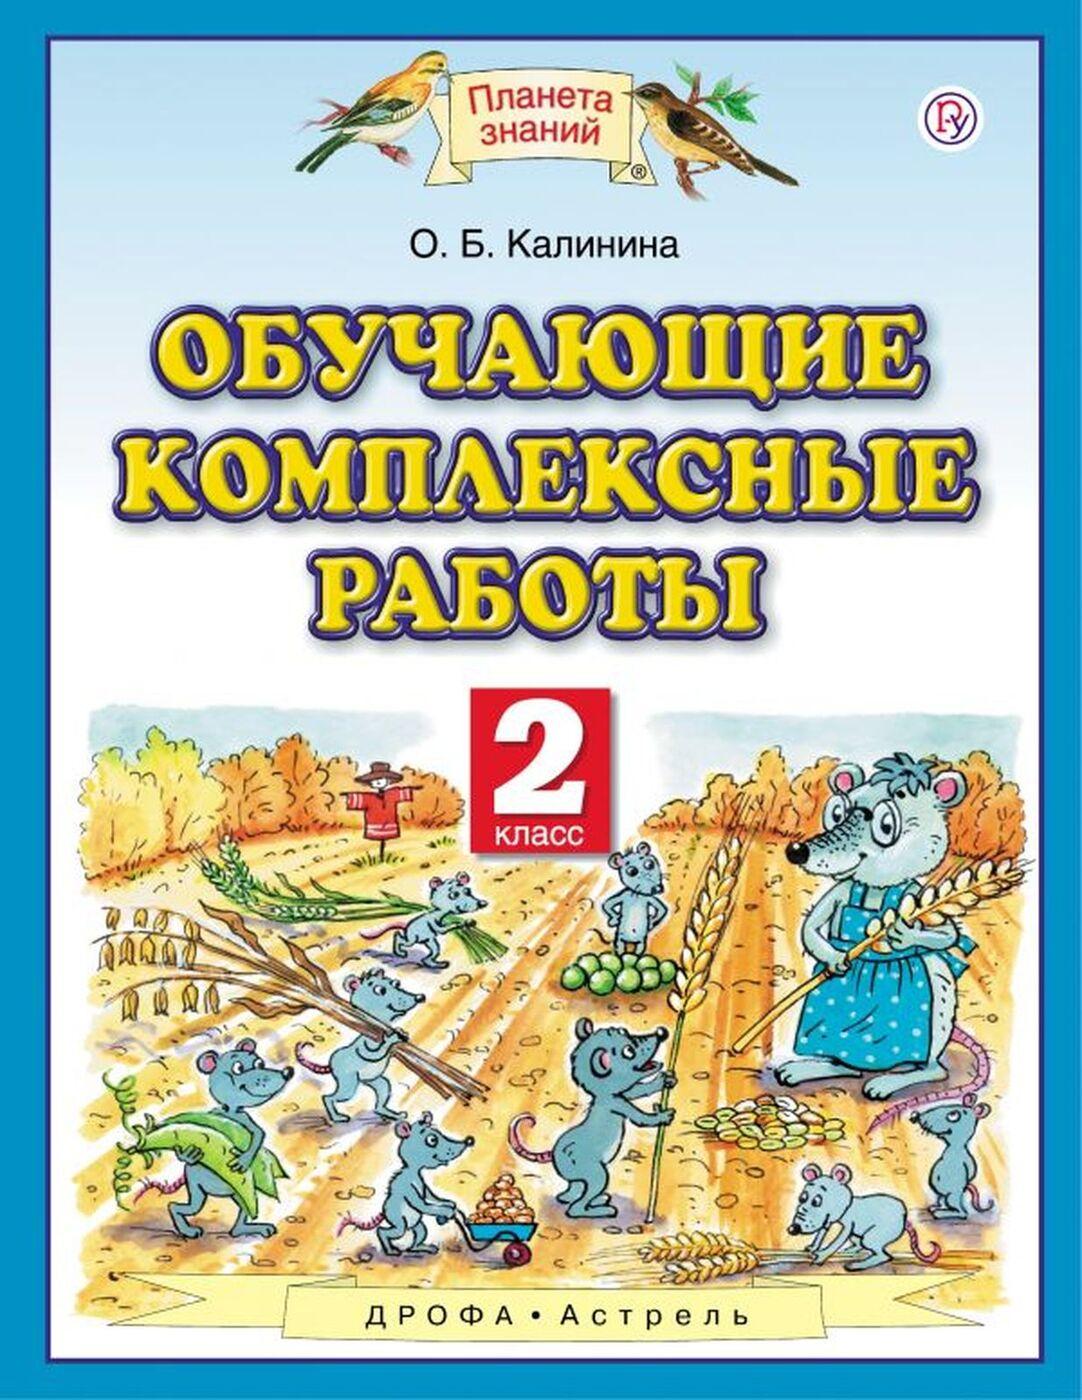 Обучающие комплексные работы. 2 класс | Калинина Ольга Борисовна